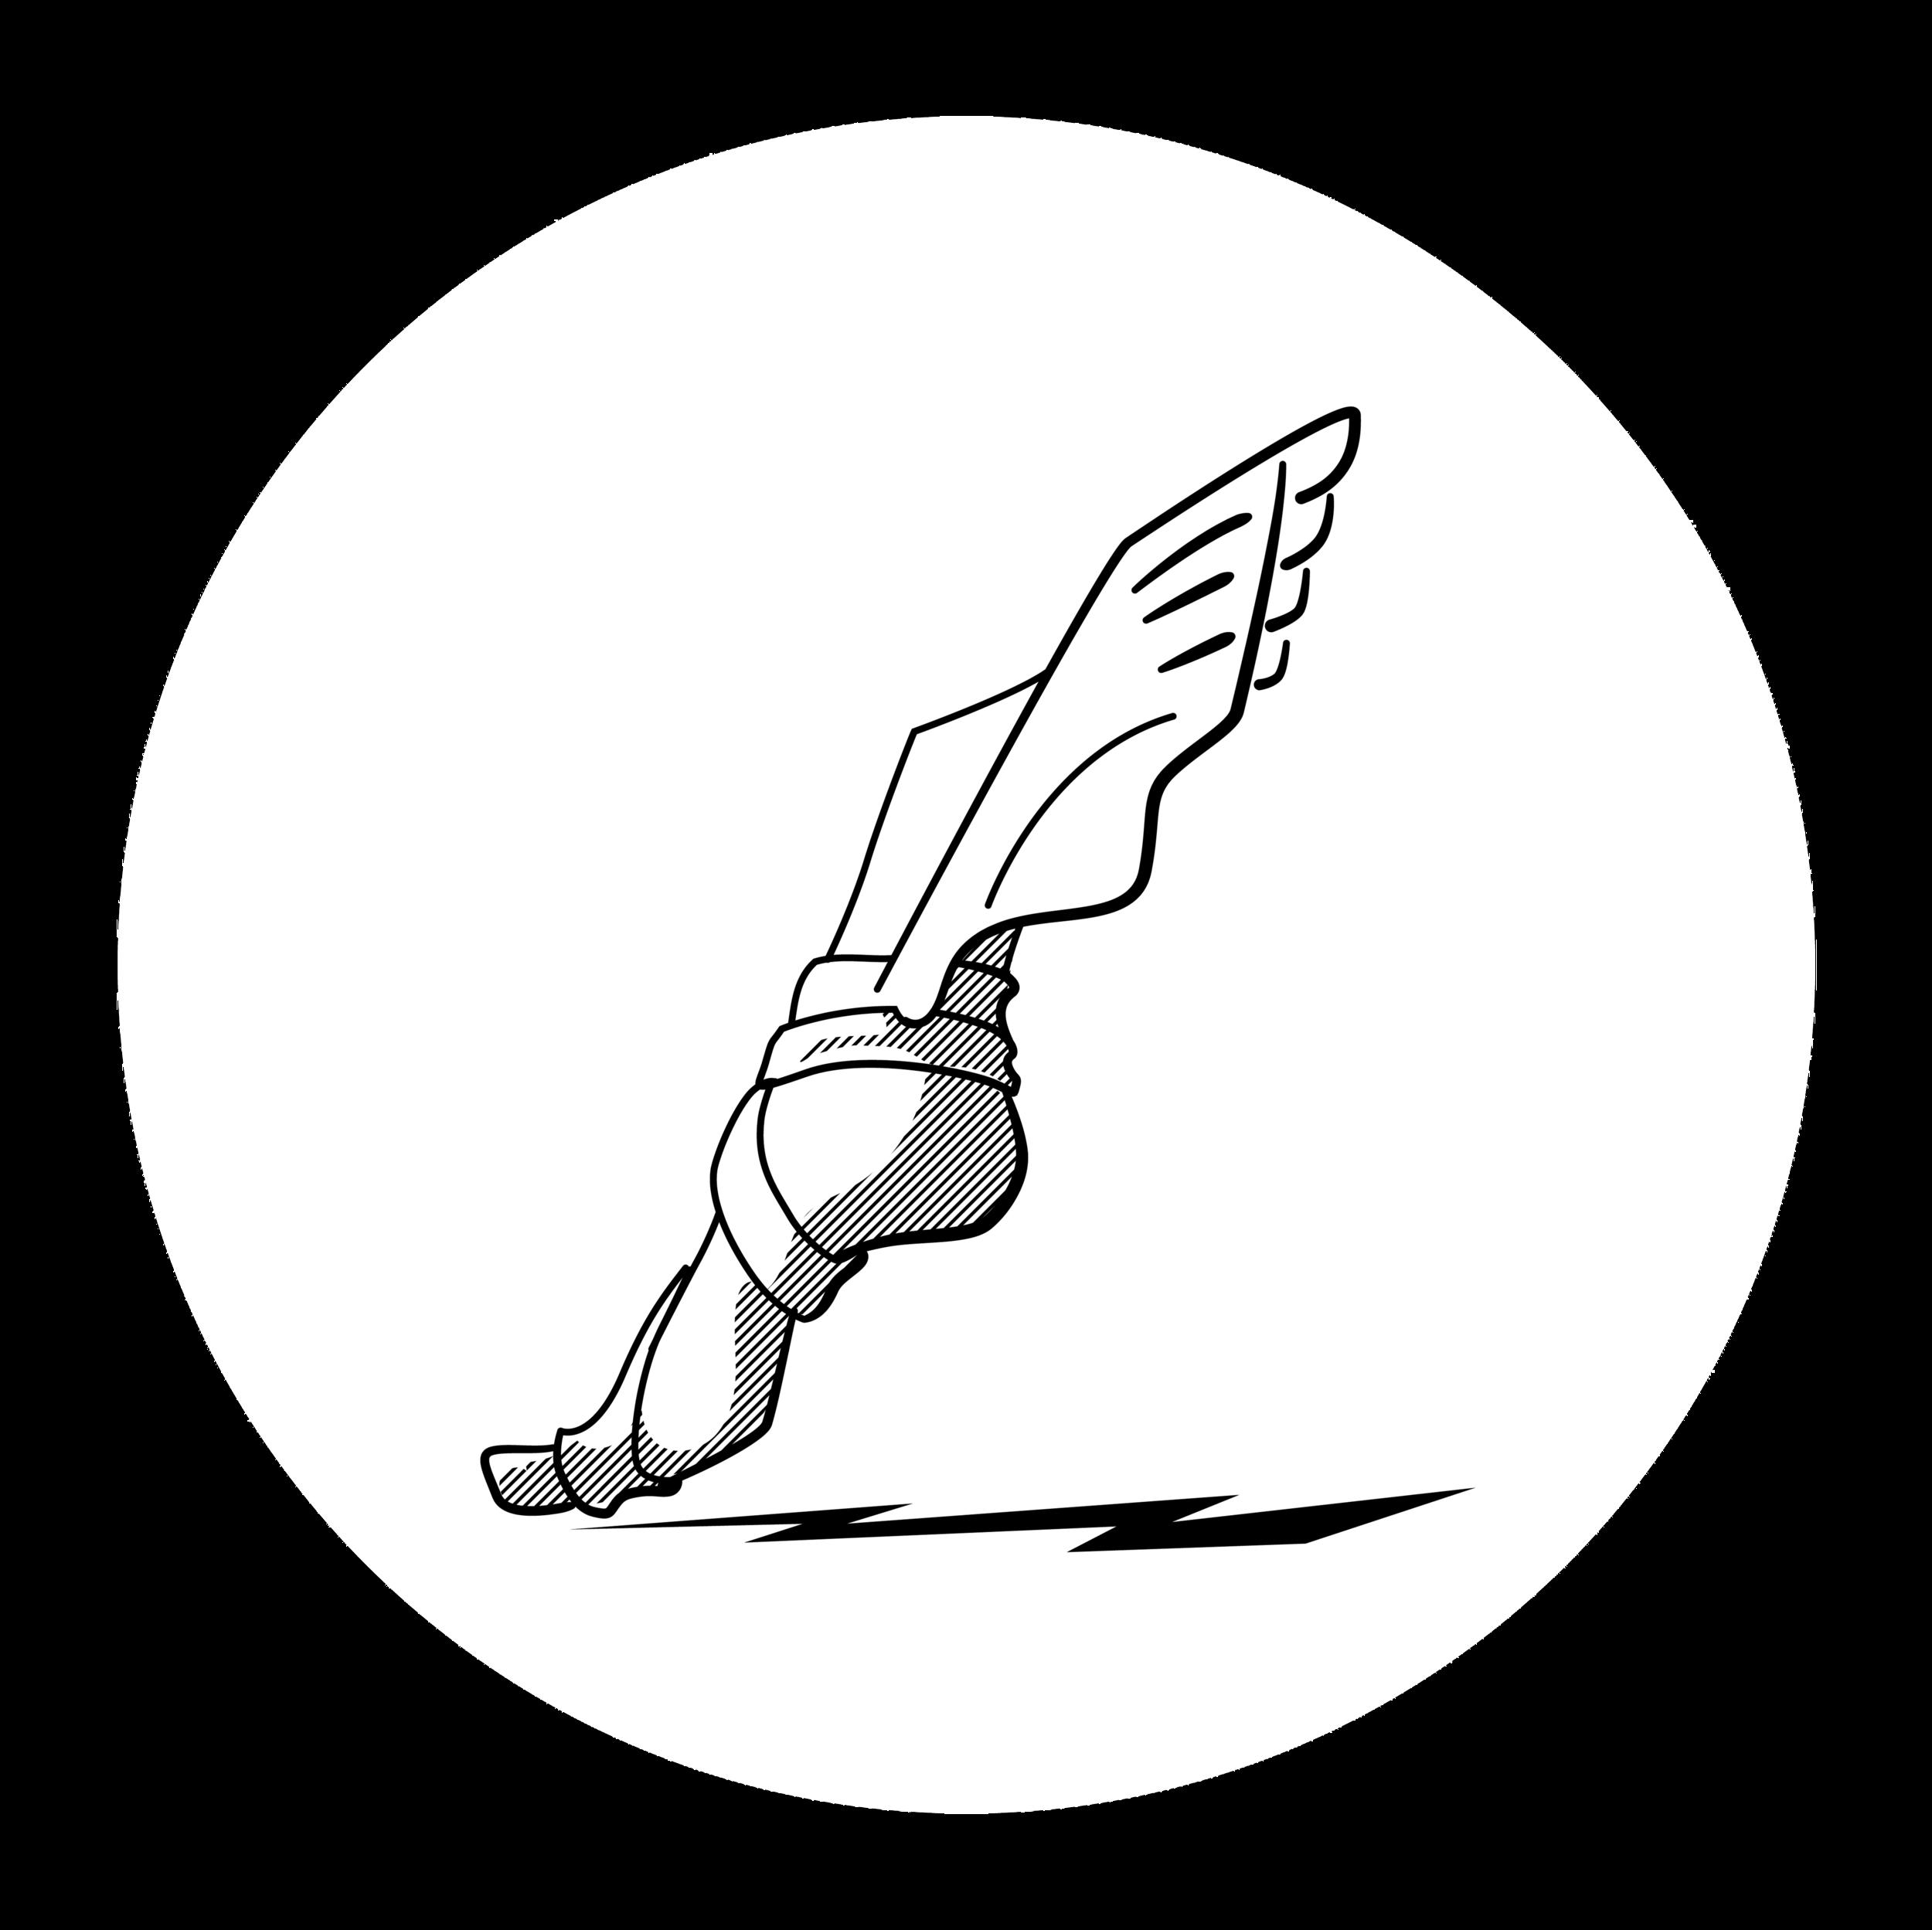 FleetFoot_logo_circle_IG.png